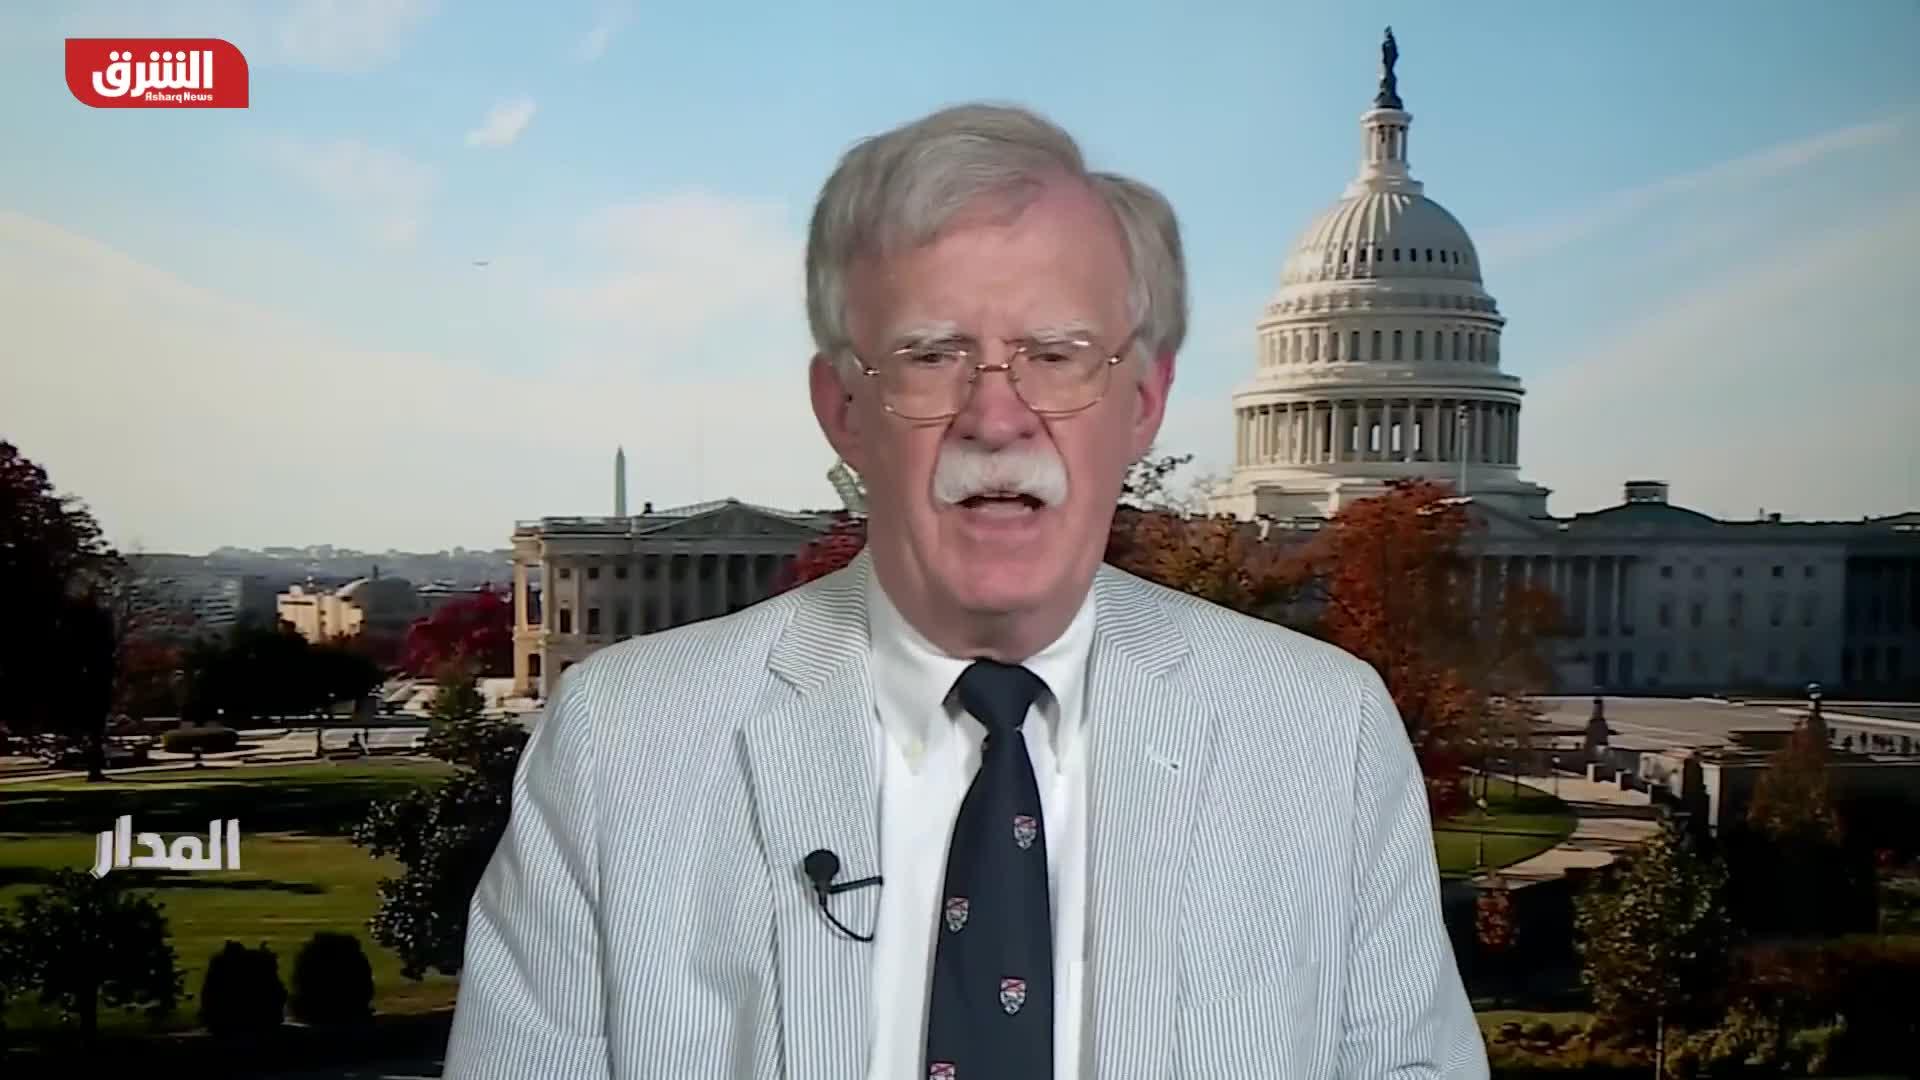 بولتون: محاولة بايدن العودة للاتفاق النووي مع إيران خطأ فادح